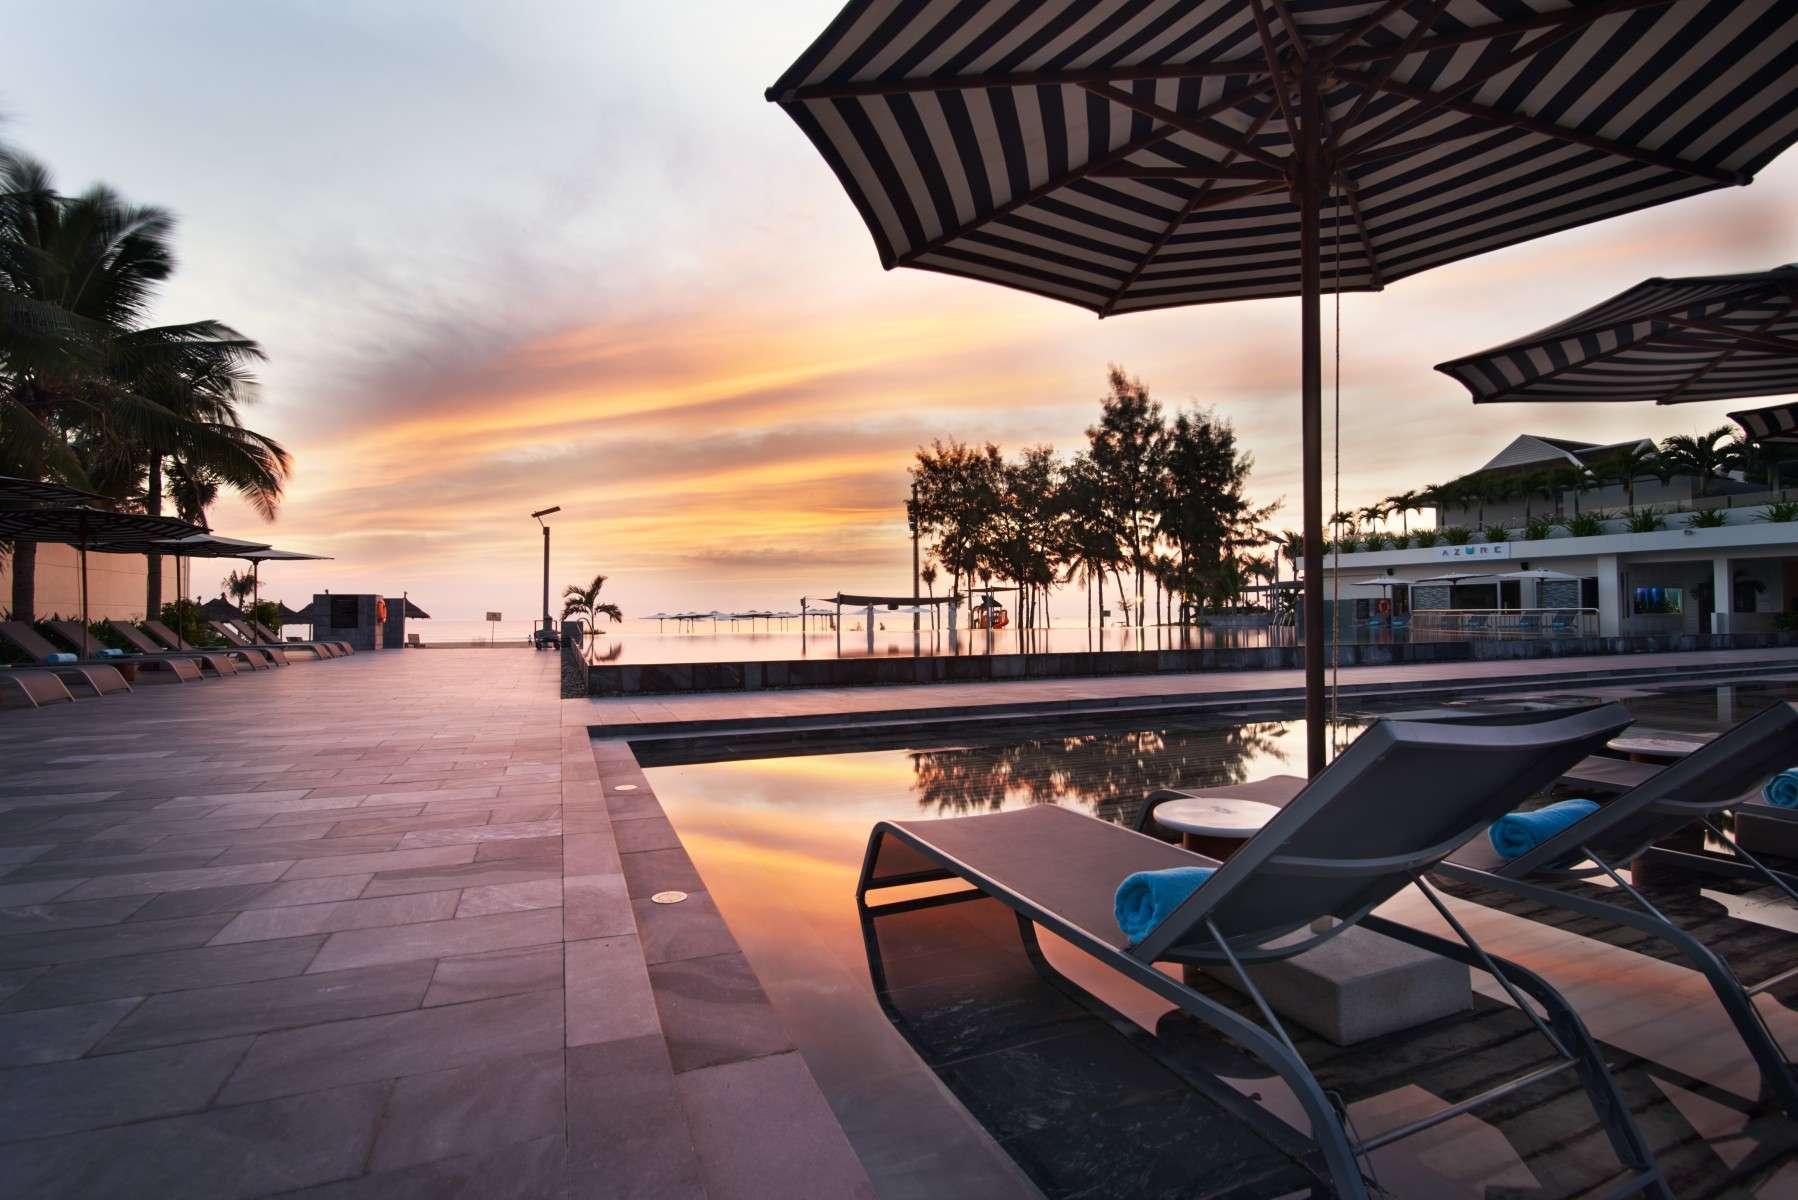 Khách sạn Pullman Đà Nẵng | Khách sạn CHICLAND Đà Nẵng